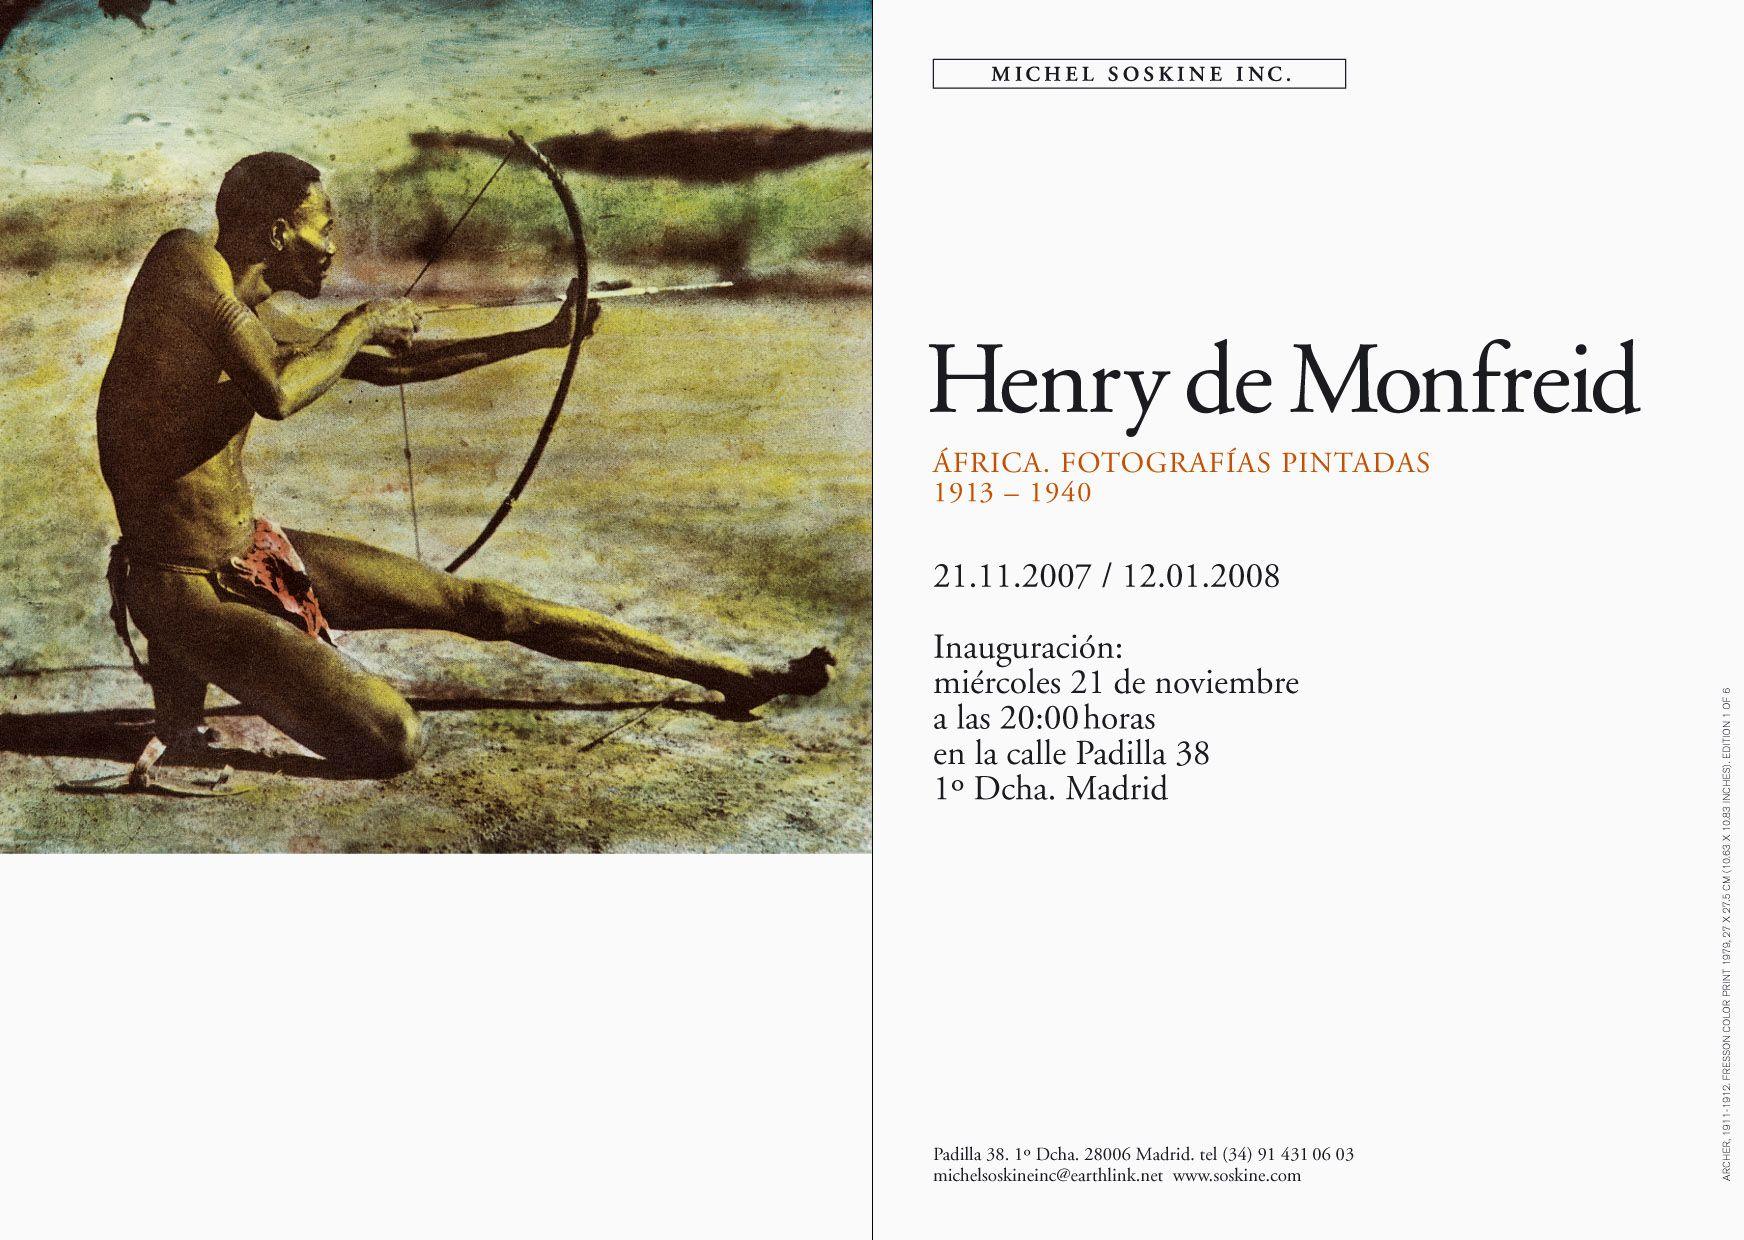 HENRY DE MONFREID